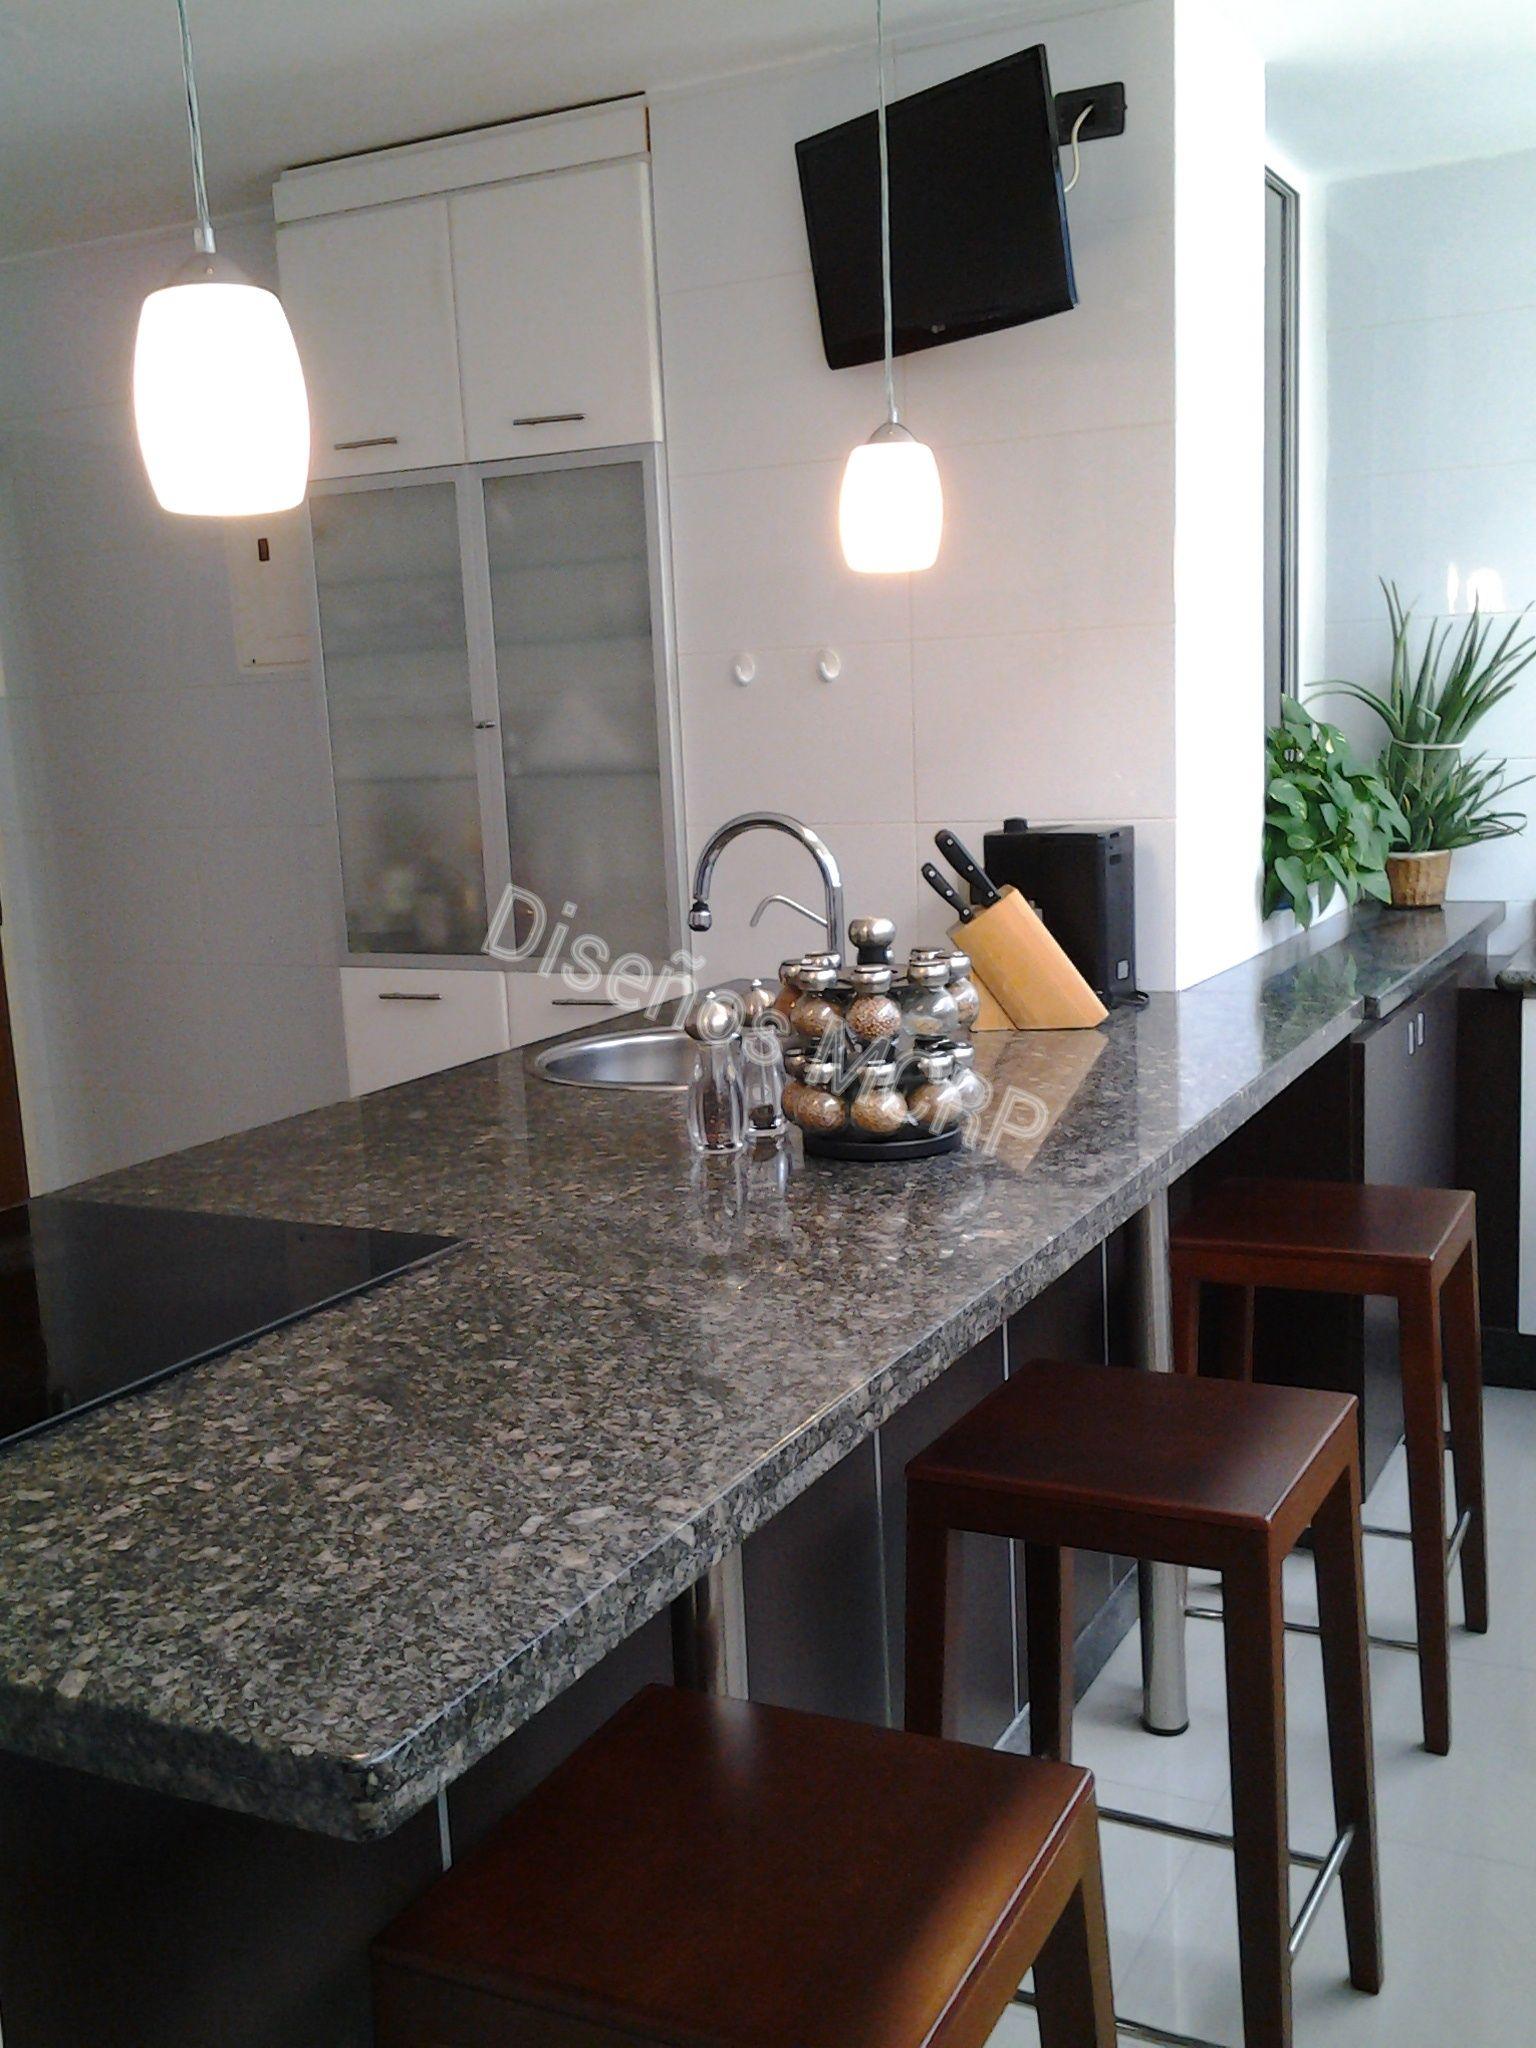 Cocina de dise o acabado laminado decorativo en wengue y for Cocinas con granito gris